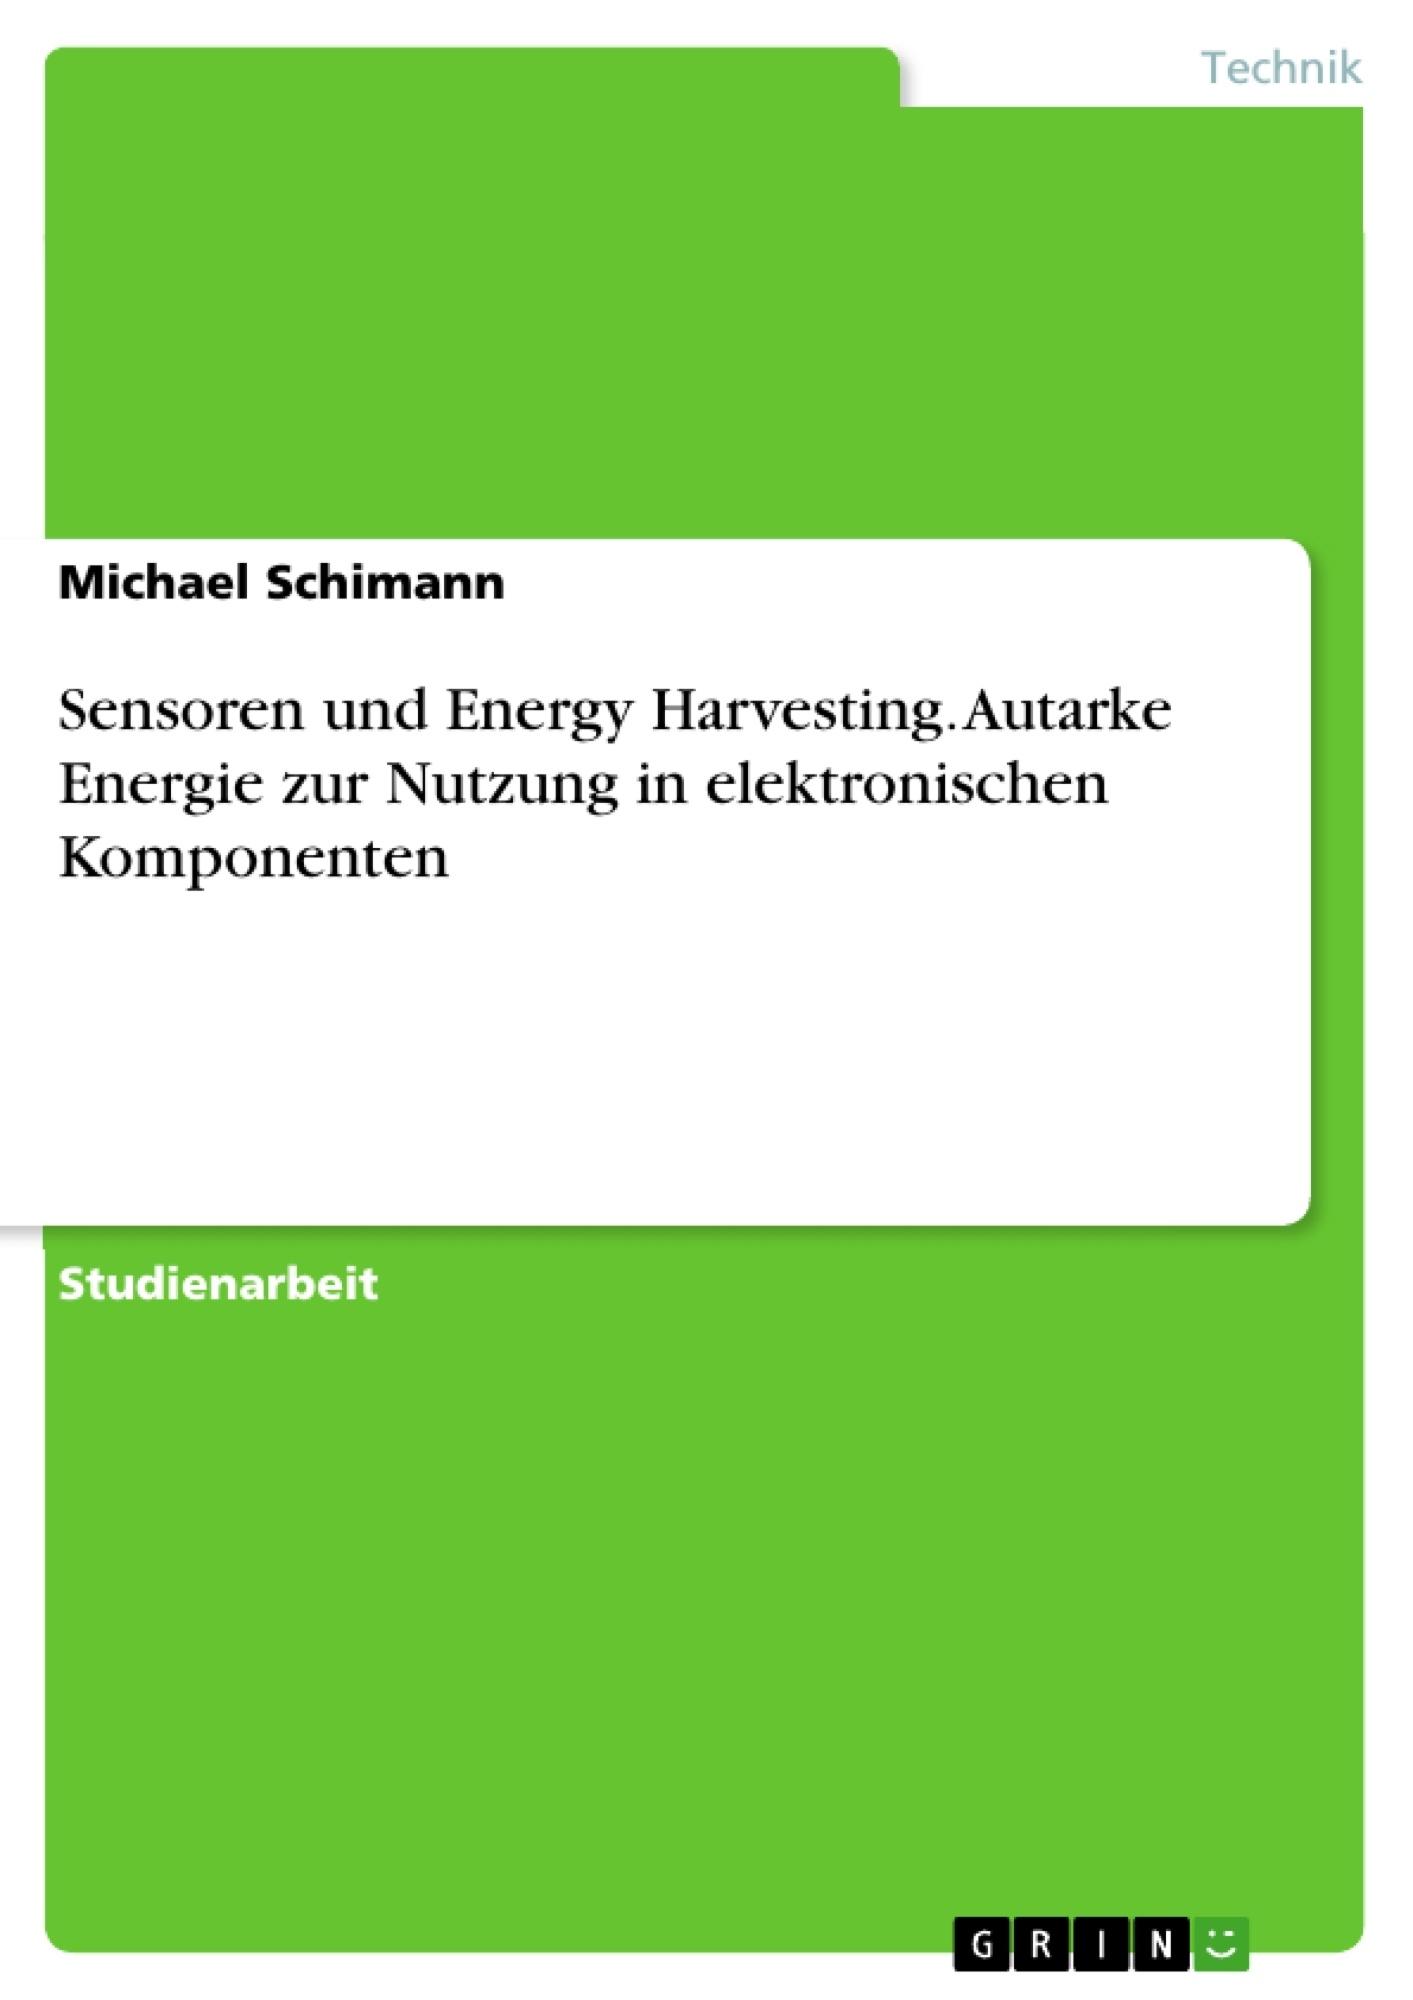 Titel: Sensoren und Energy Harvesting. Autarke Energie zur Nutzung in elektronischen Komponenten